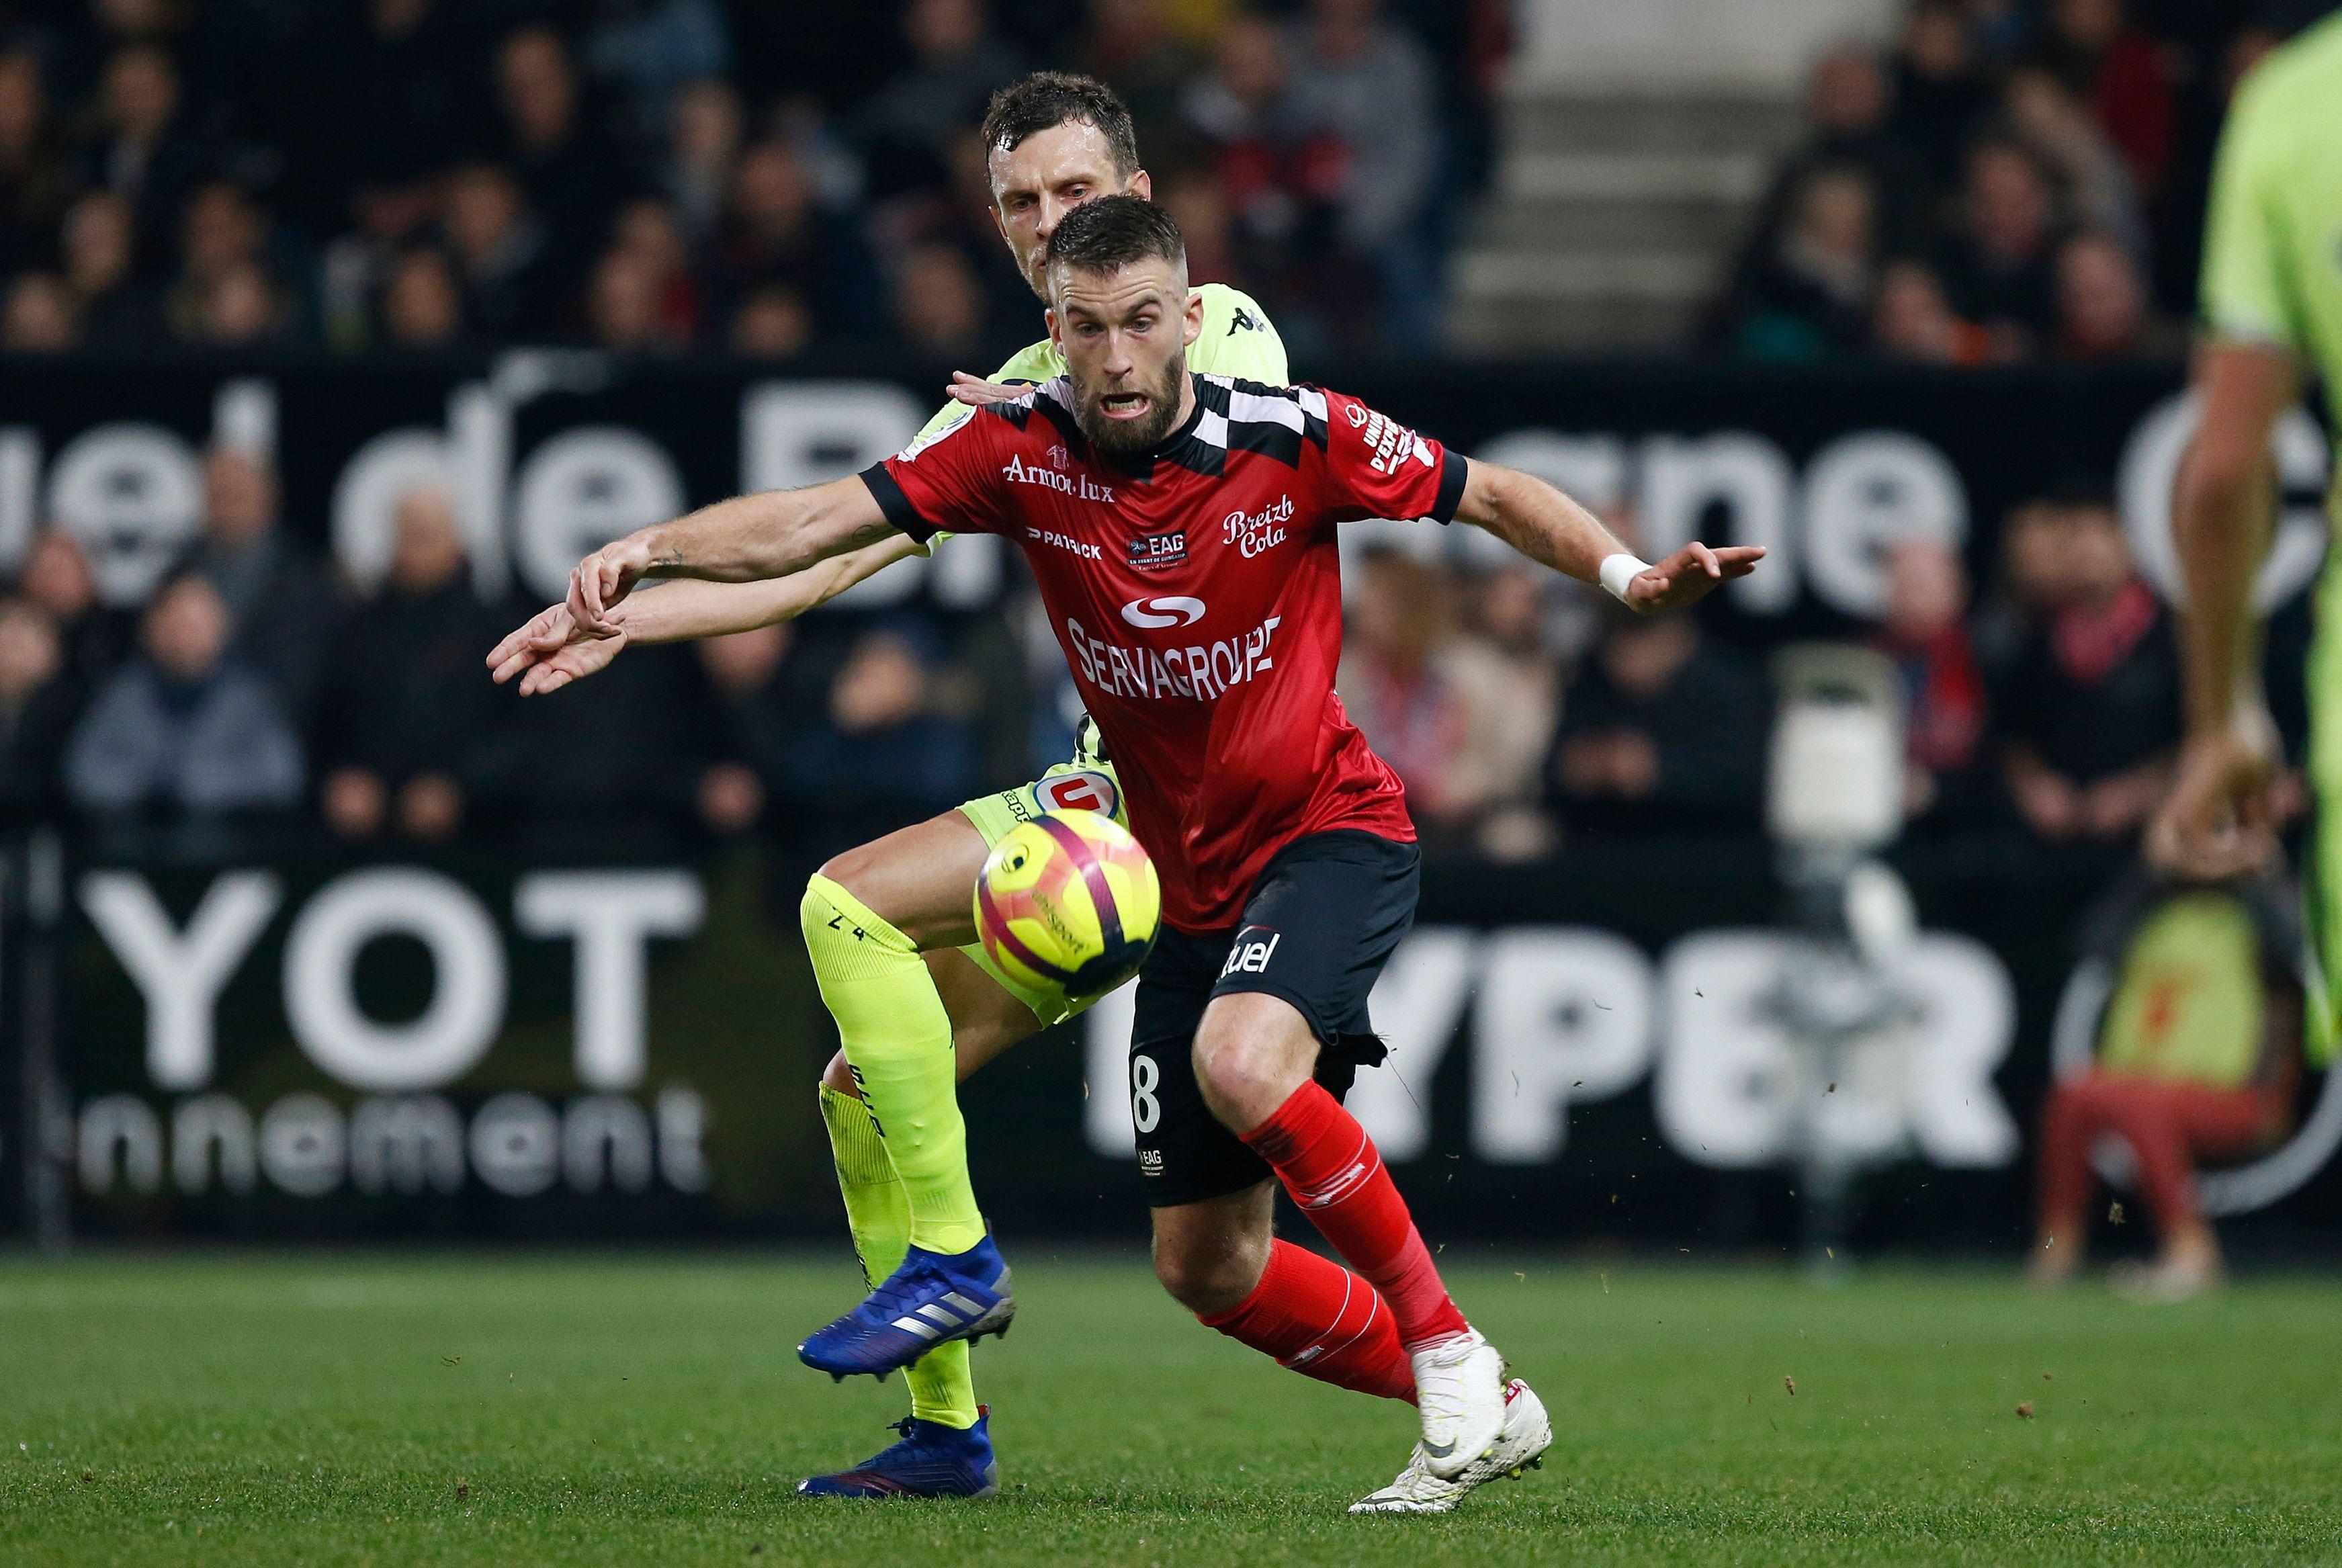 Officiel - Mercato : Lucas Deaux rejoint Nîmes jusqu'en 2021